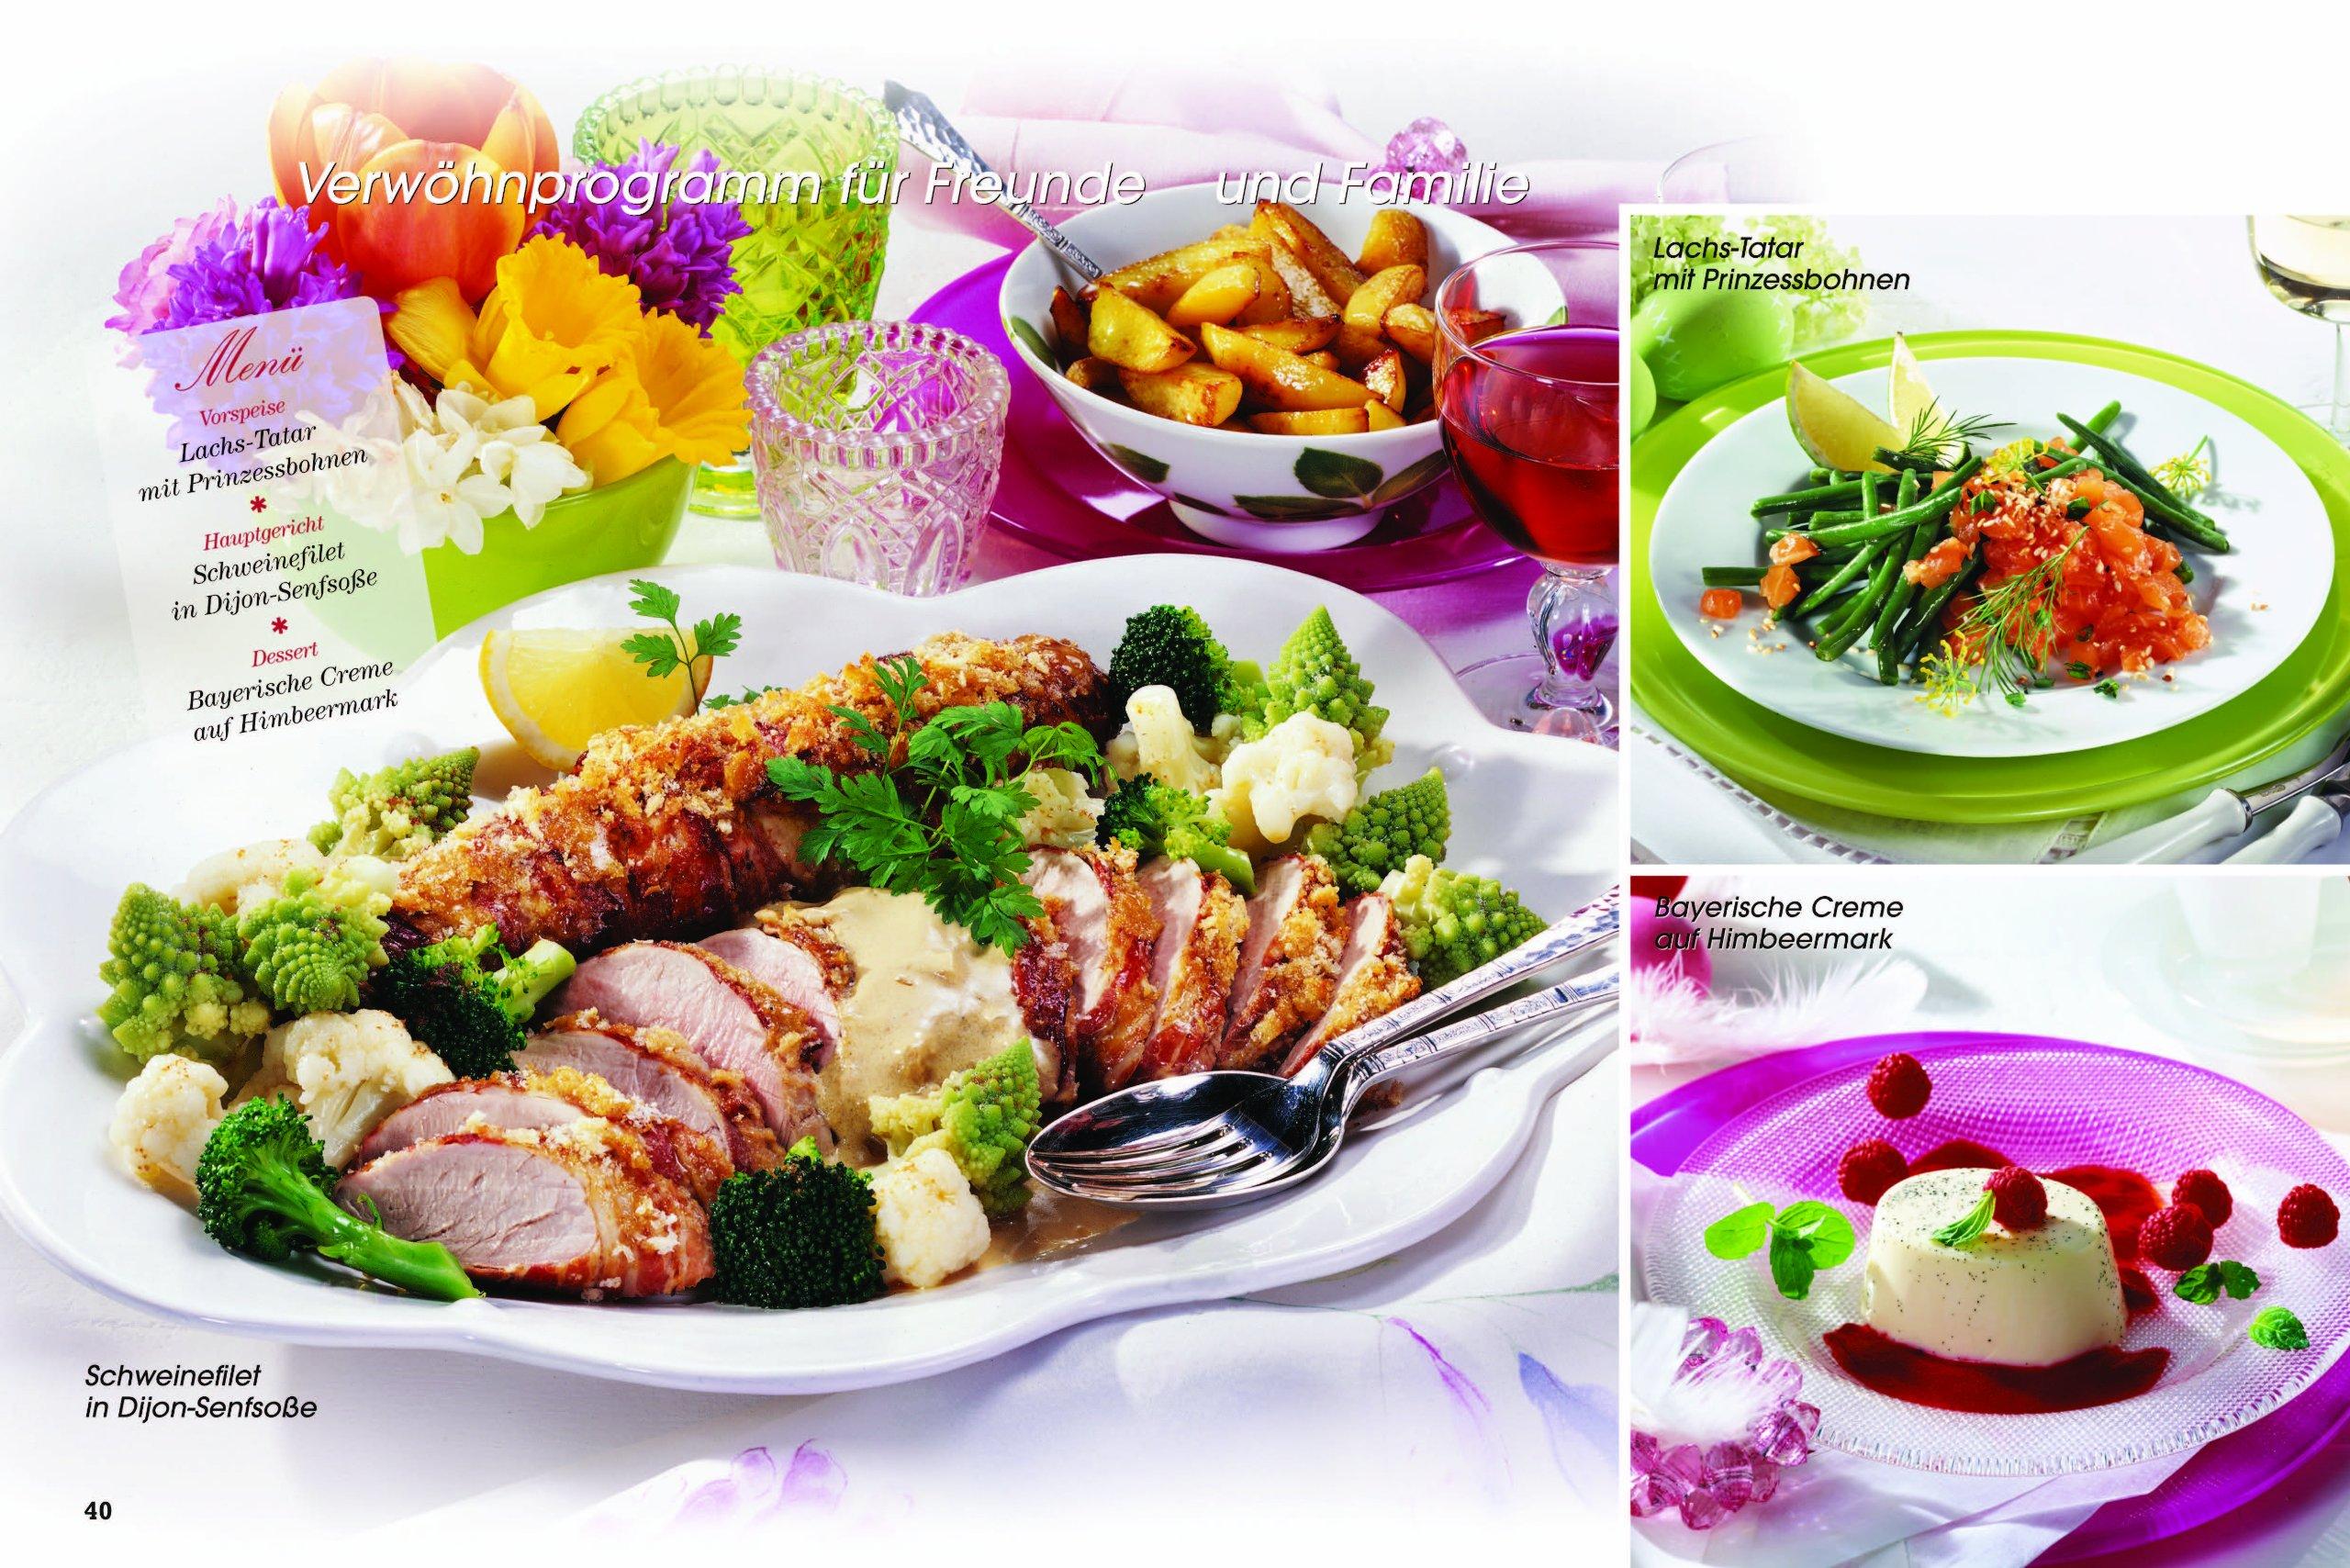 Sommerküche Moewig : Kochen & genießen für gäste: tolle menüs und andere rezepte zum